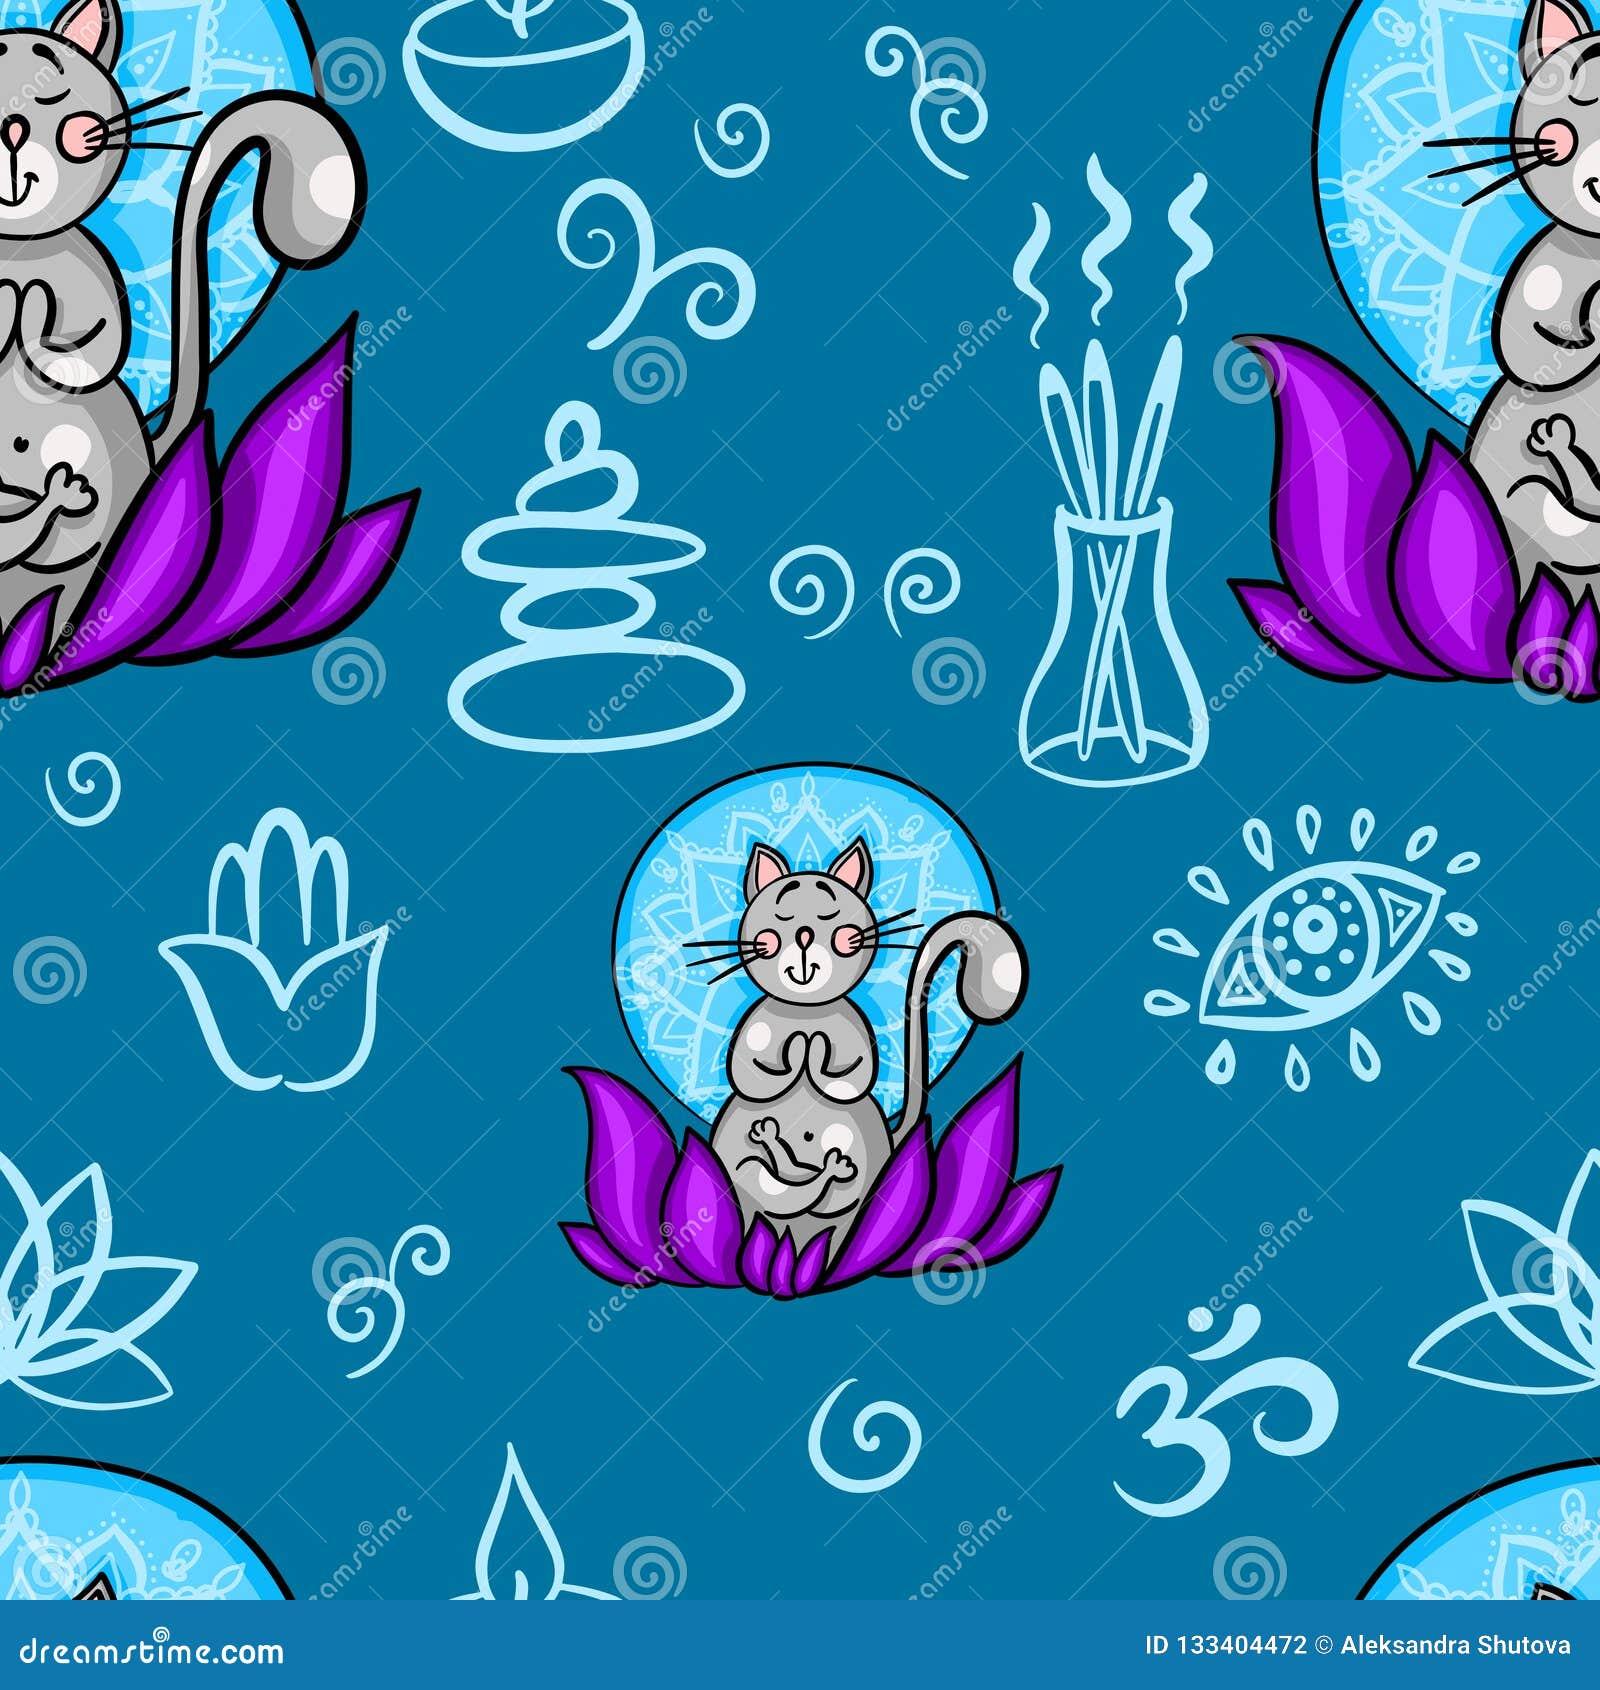 Teste Padrao Sem Emenda Engracado Com O Gato Dos Desenhos Animados